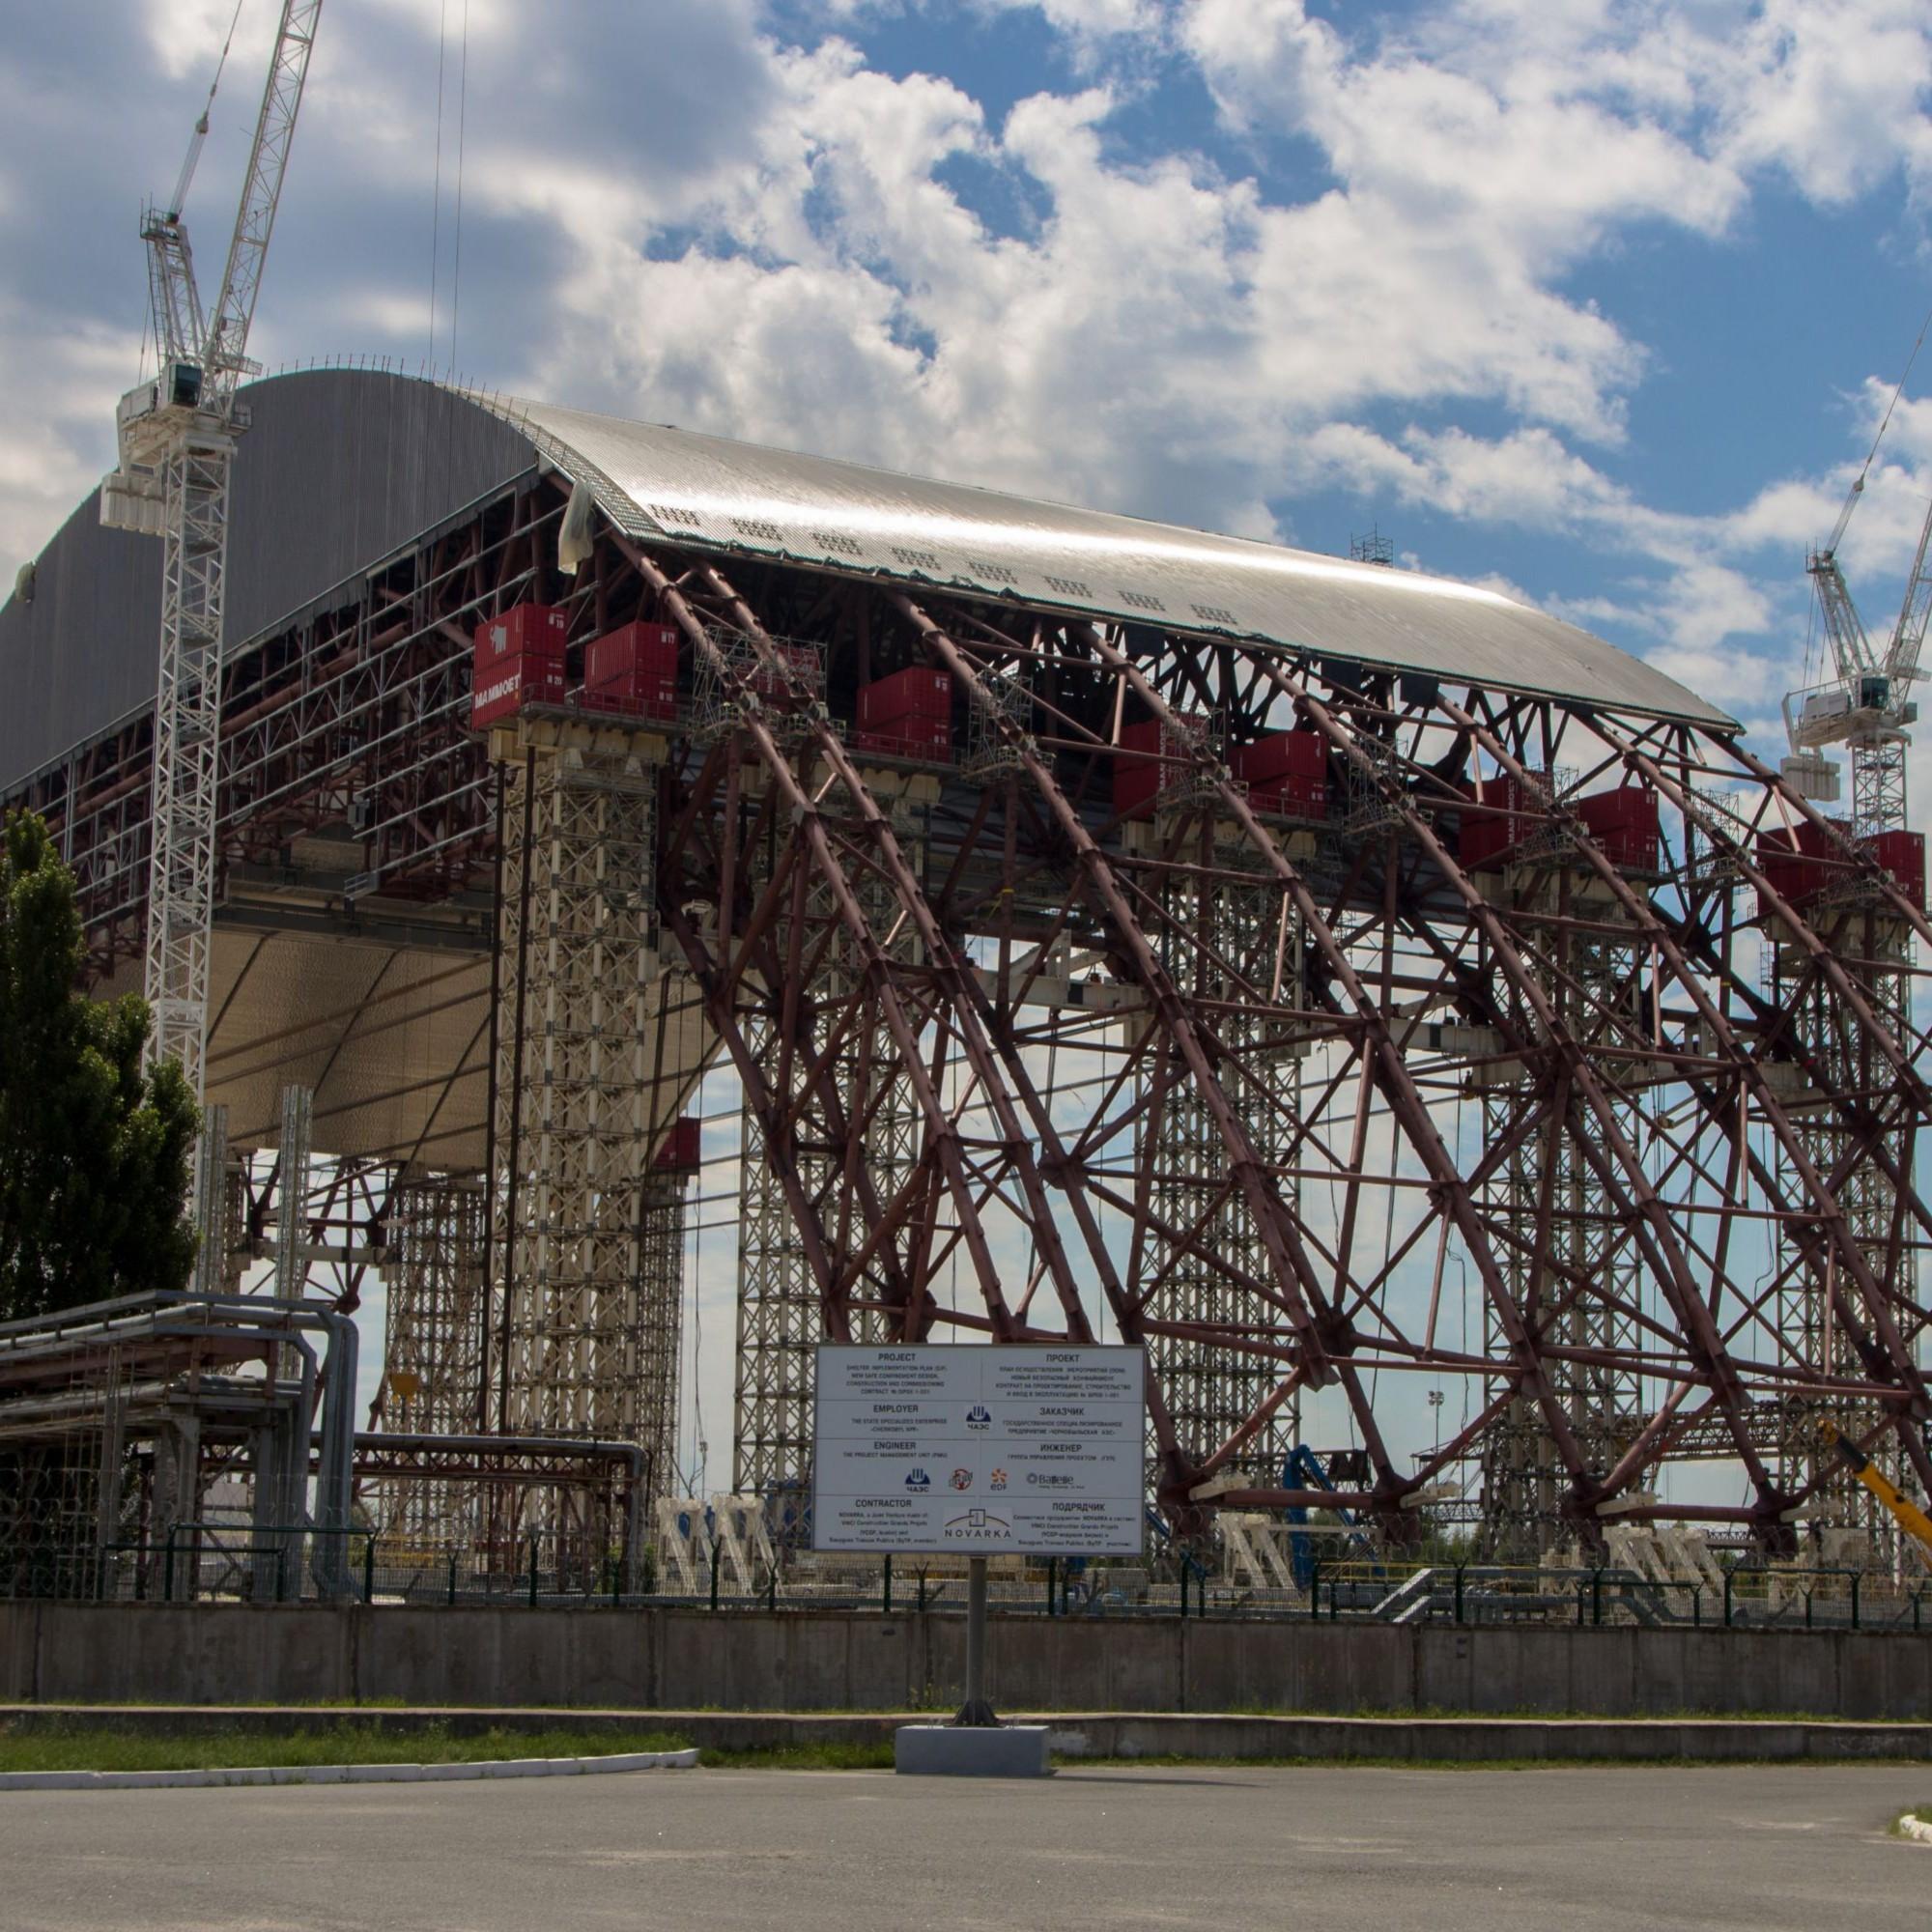 2000 wurde das Atomkraftwerk abgeschaltet.Trotz der Katastrophe 1986 und der enormen Strahlenbelastung, arbeiteten bis dahin noch bis zu 9000 Menschen dort.